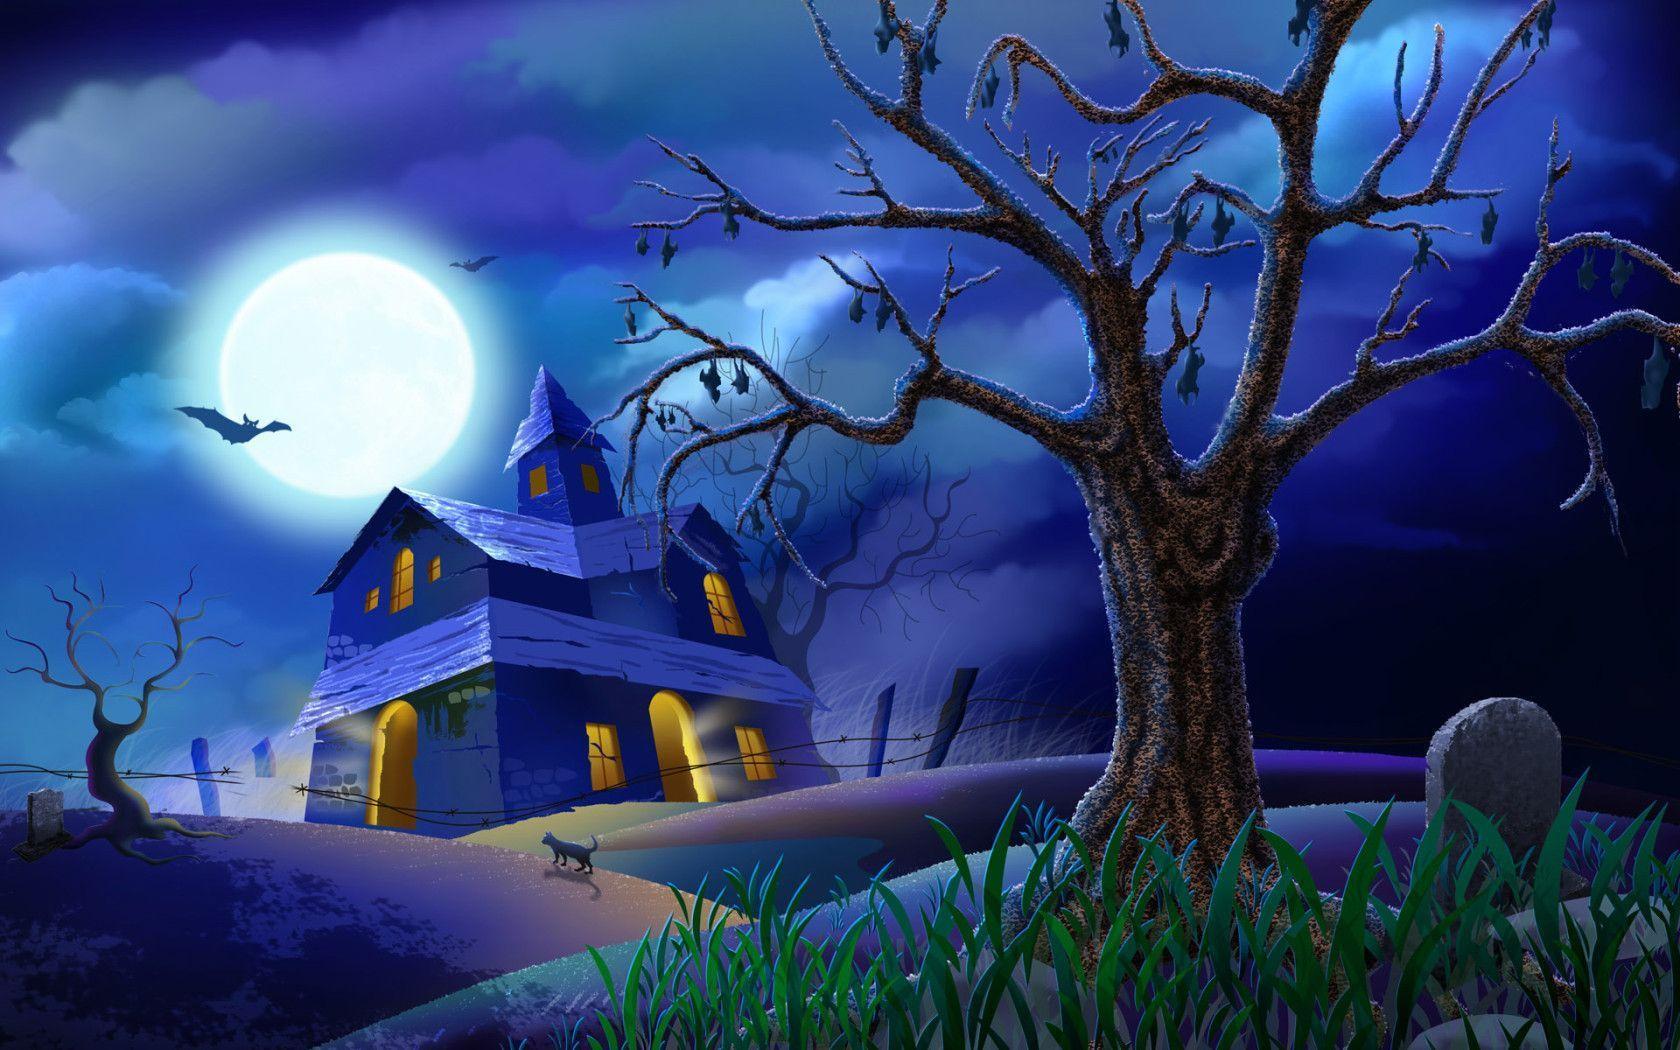 Download Wallpaper High Quality Halloween - ZUlcHRn  Snapshot_468294.jpg